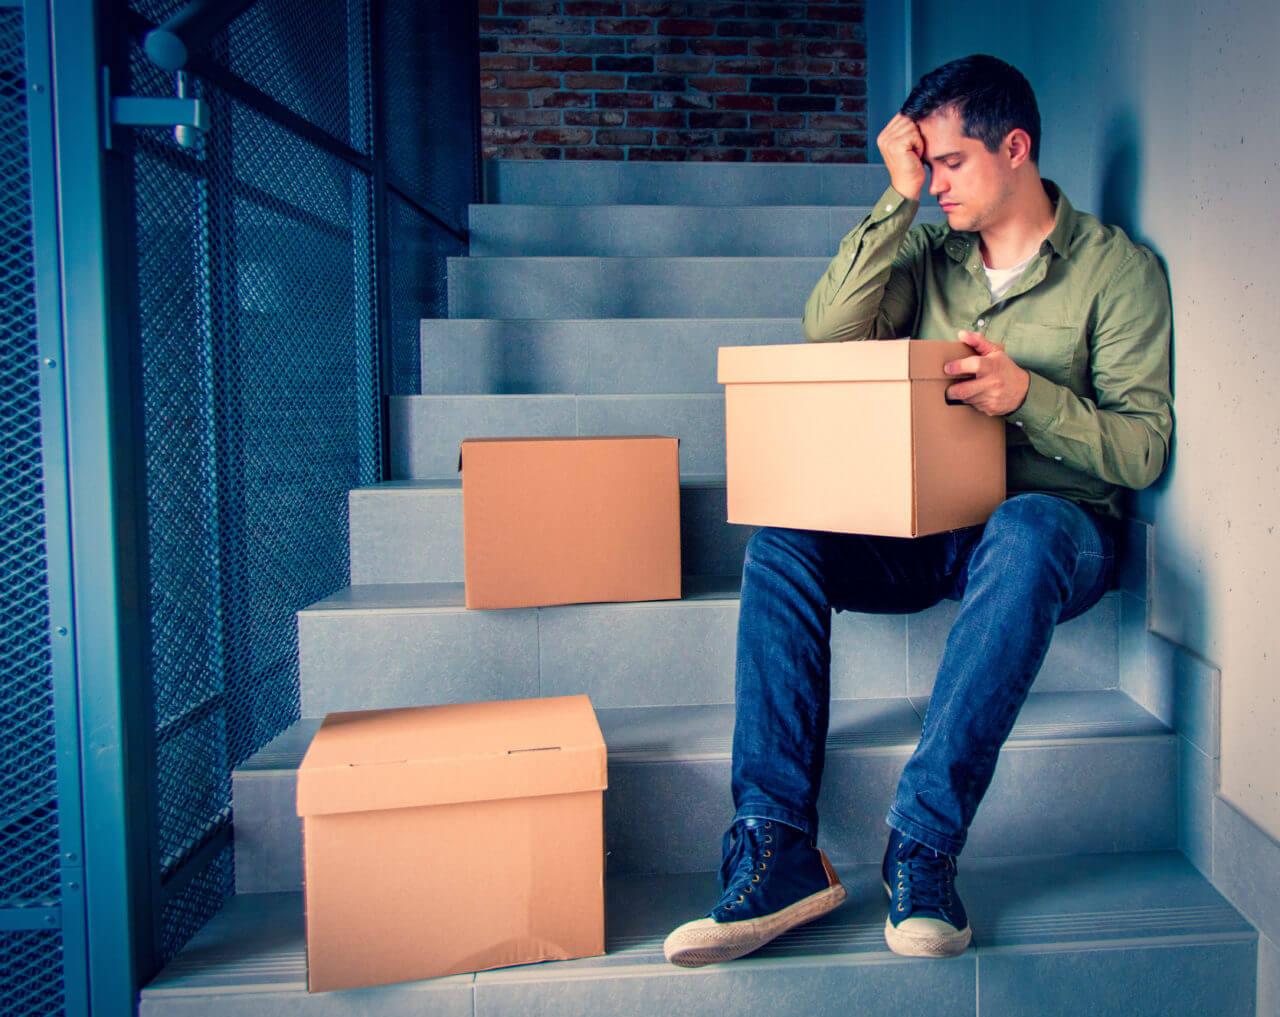 Mann unglücklich einsam